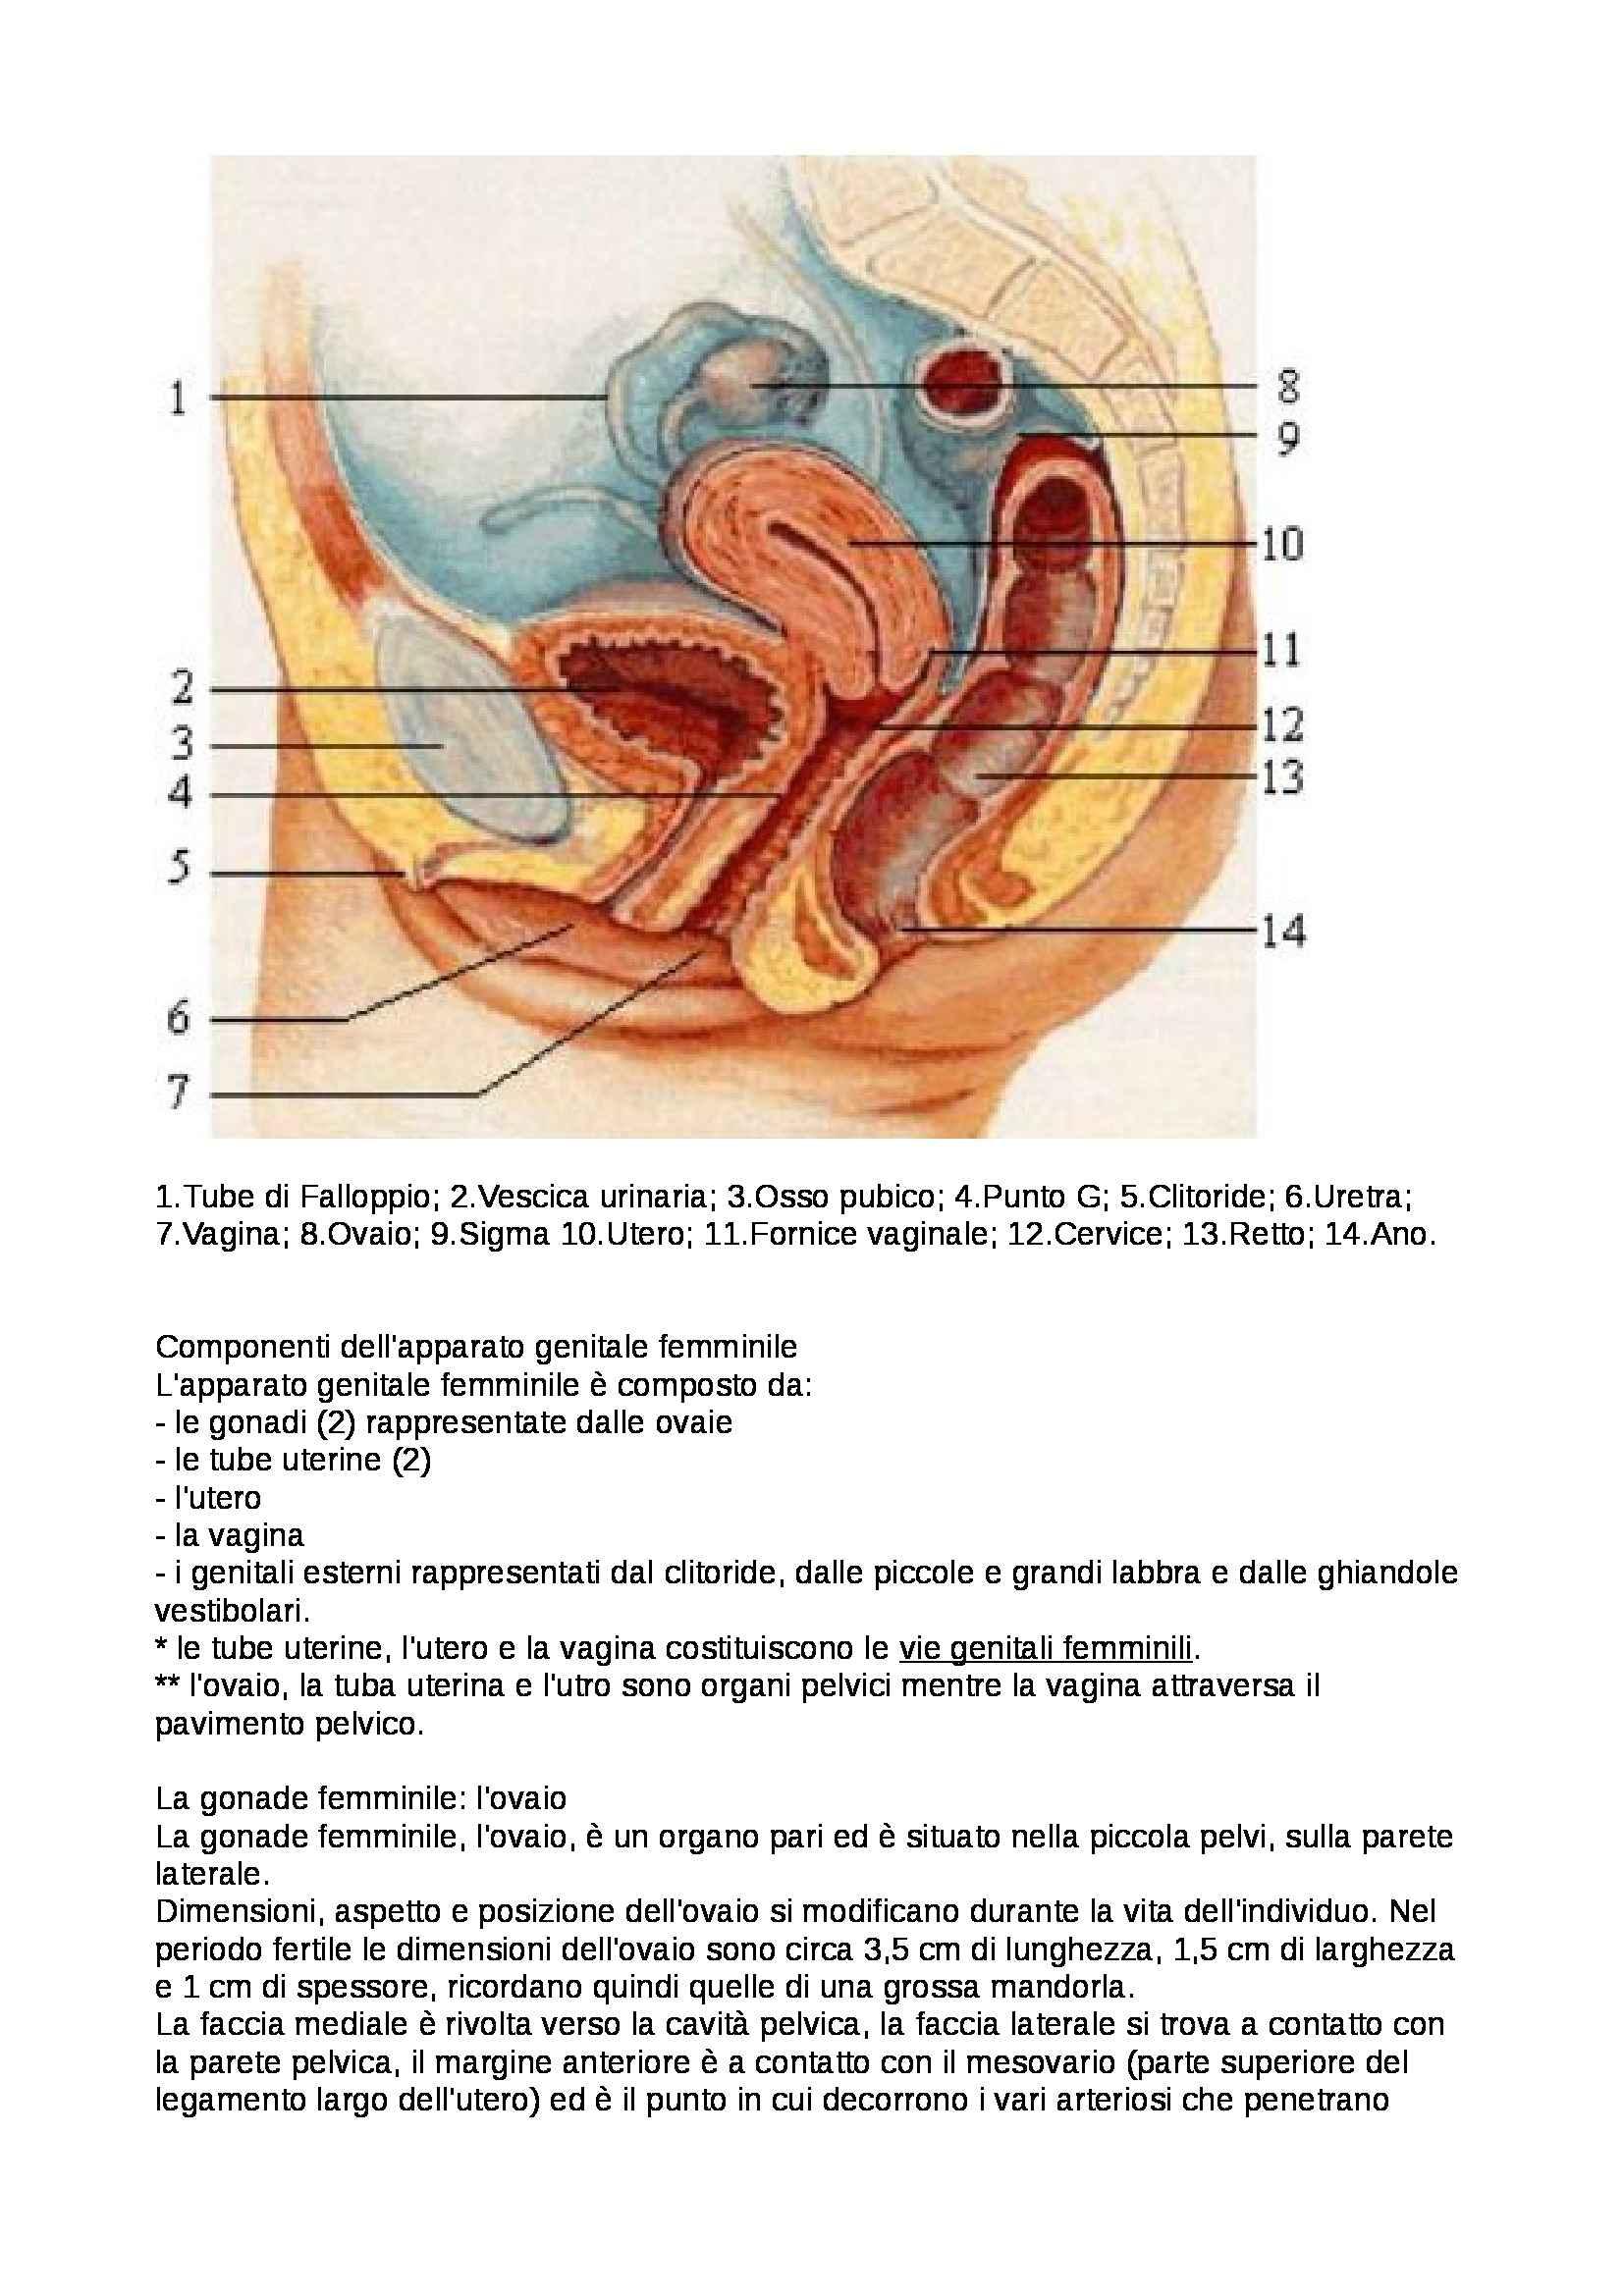 Anatomia umana - apparato genitale femminile